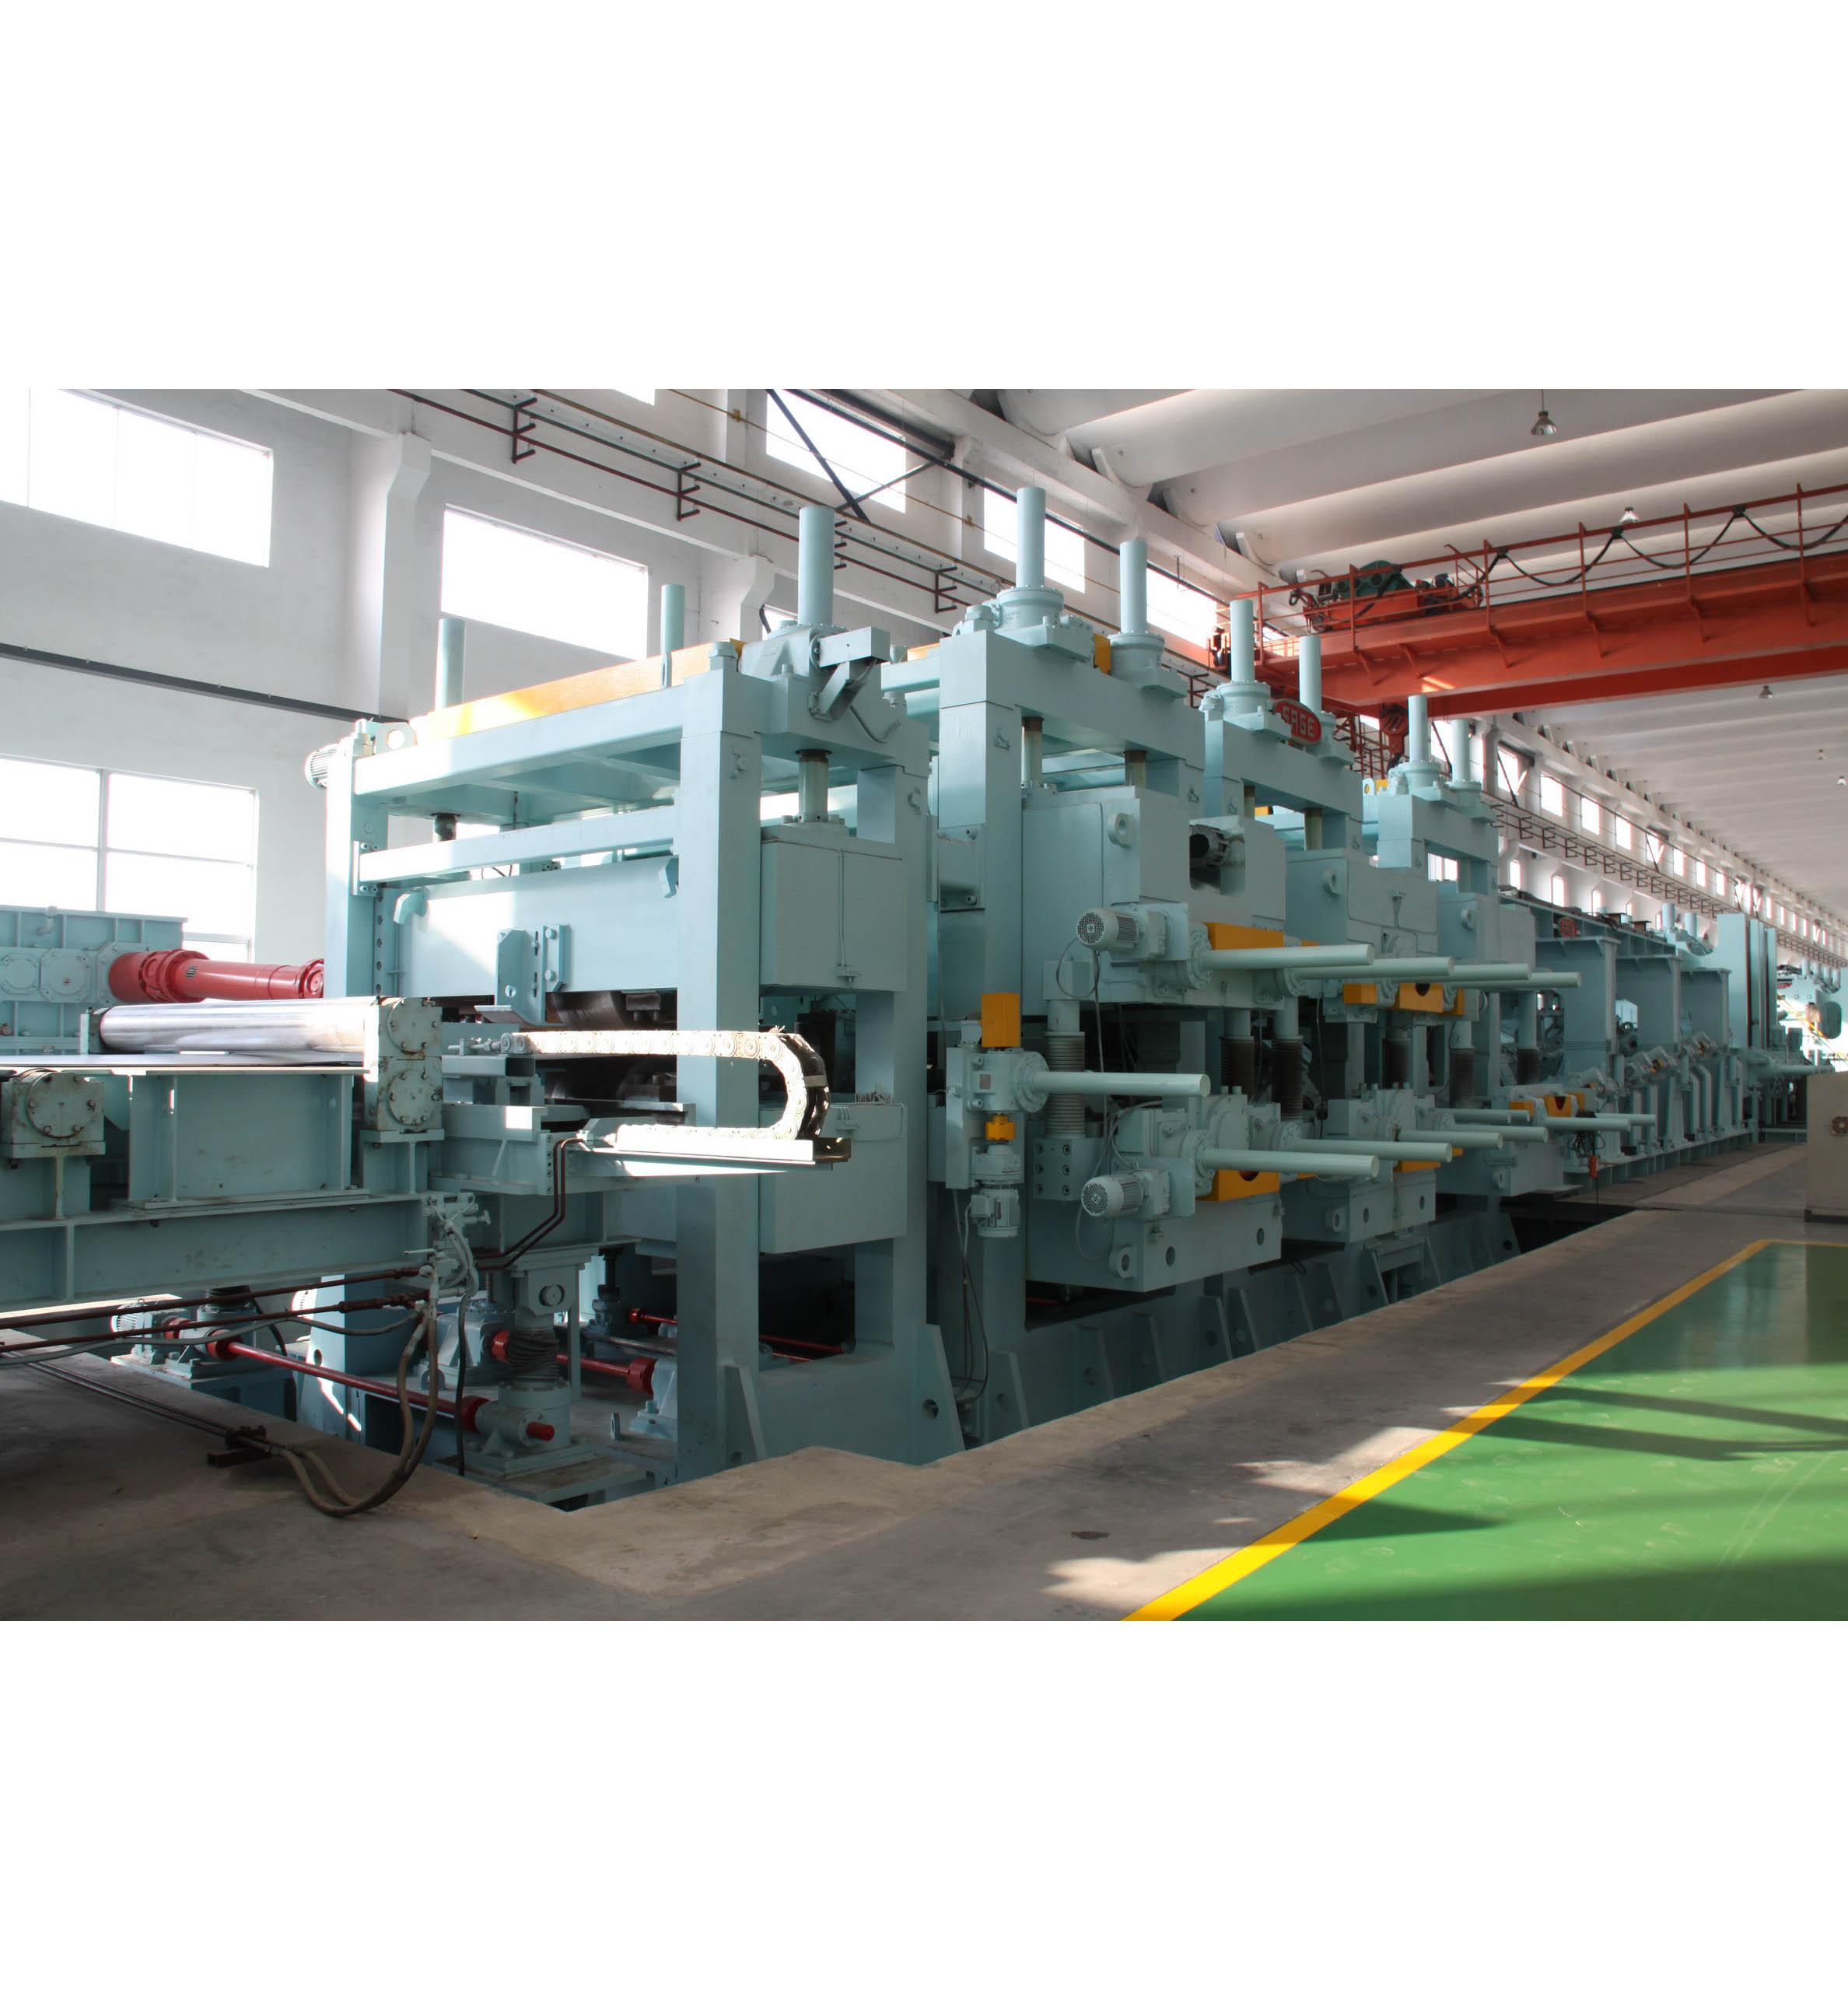 SG711 Линия производства сварочной трубы из нержавеющей стали